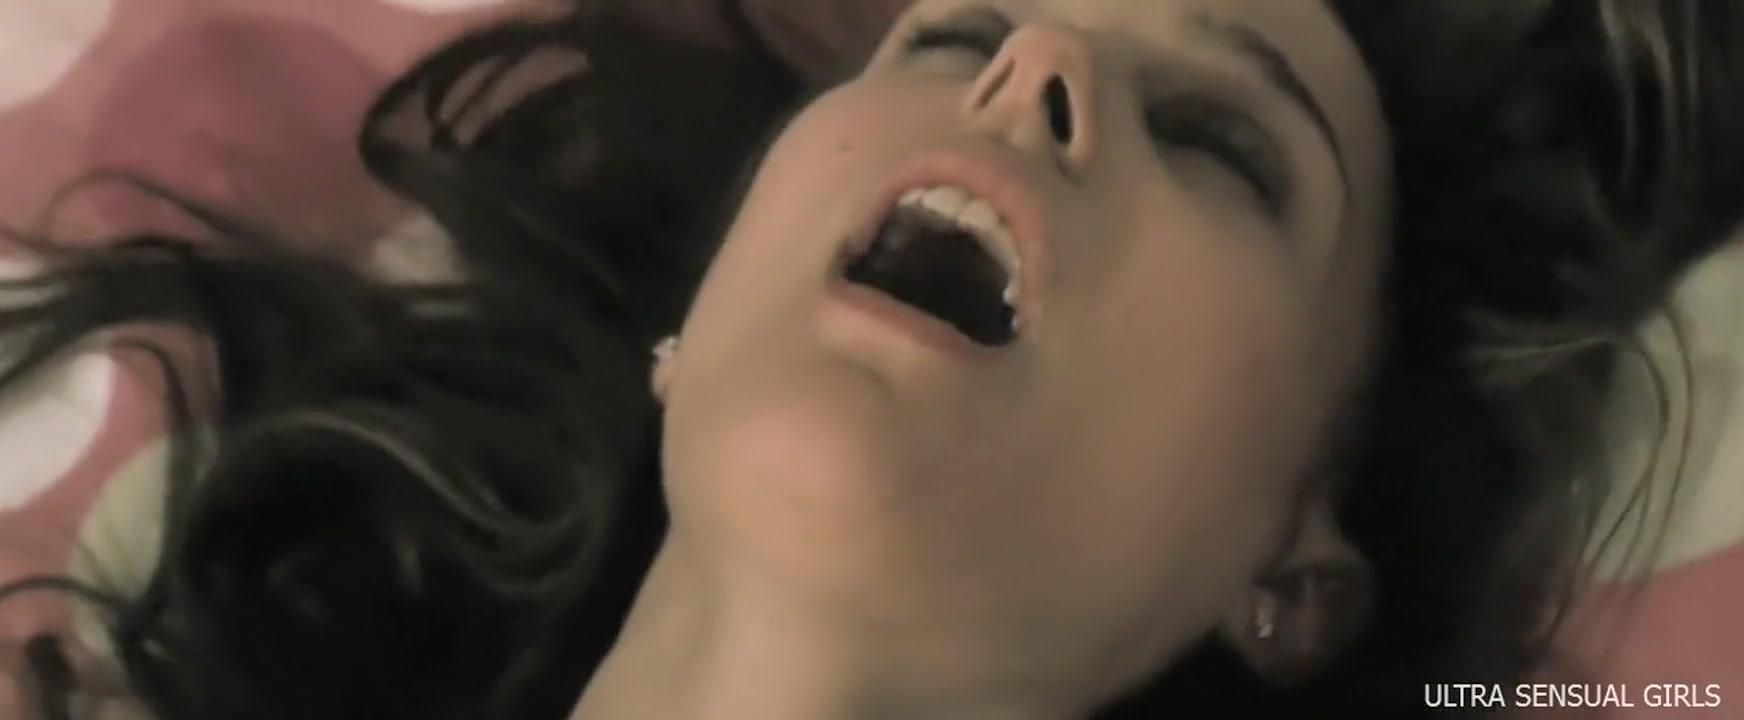 Porn tube I want you i love you i need you